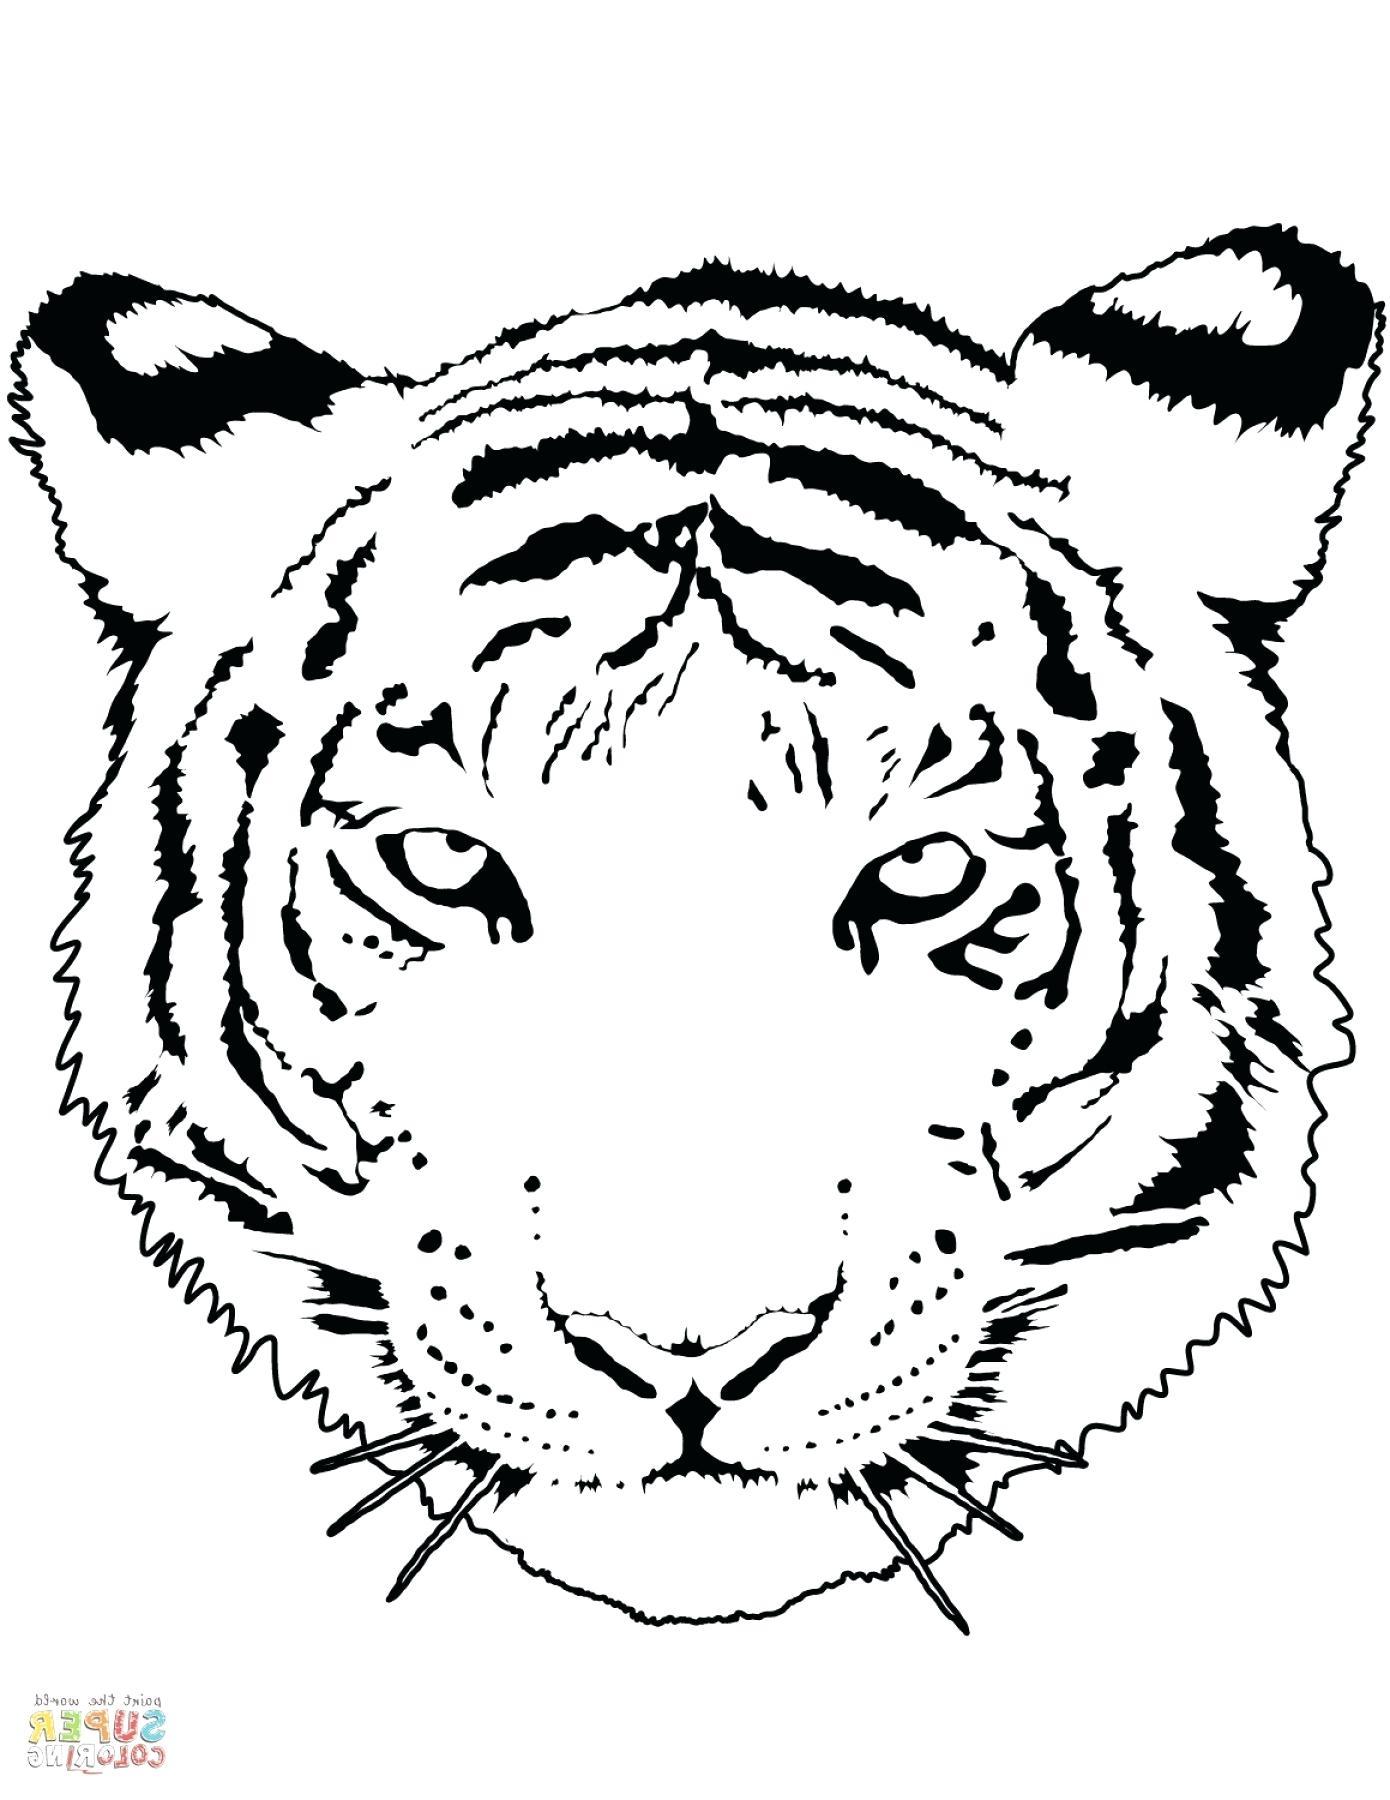 Tranh tô màu trông rất ngầu của chú hổ